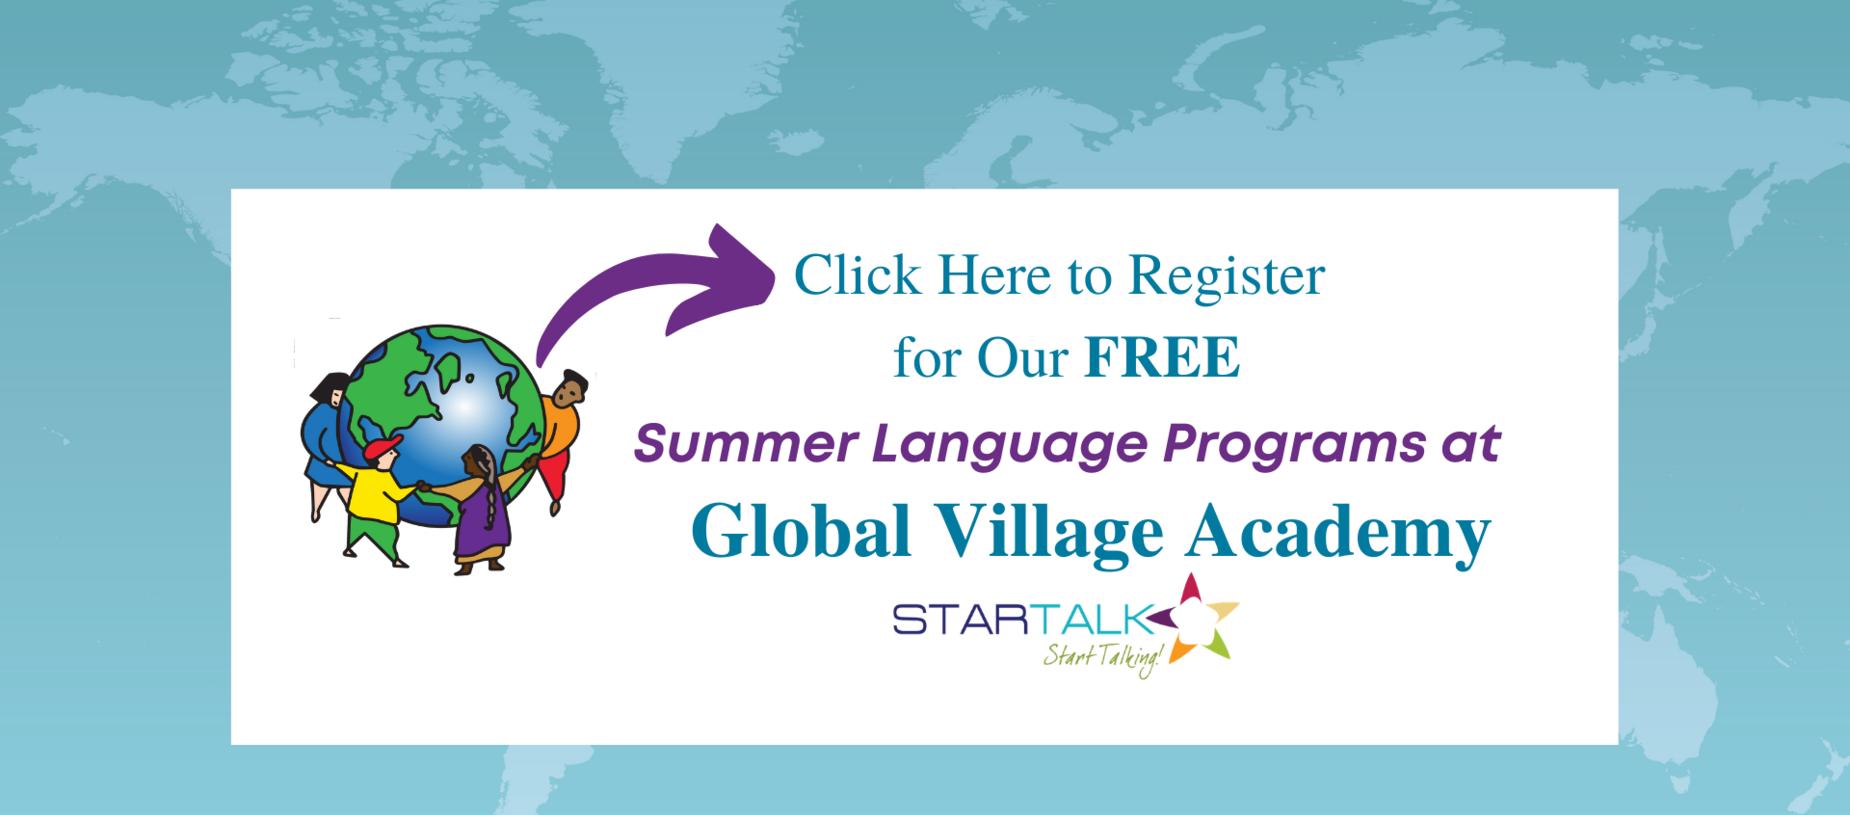 register for summer language programs